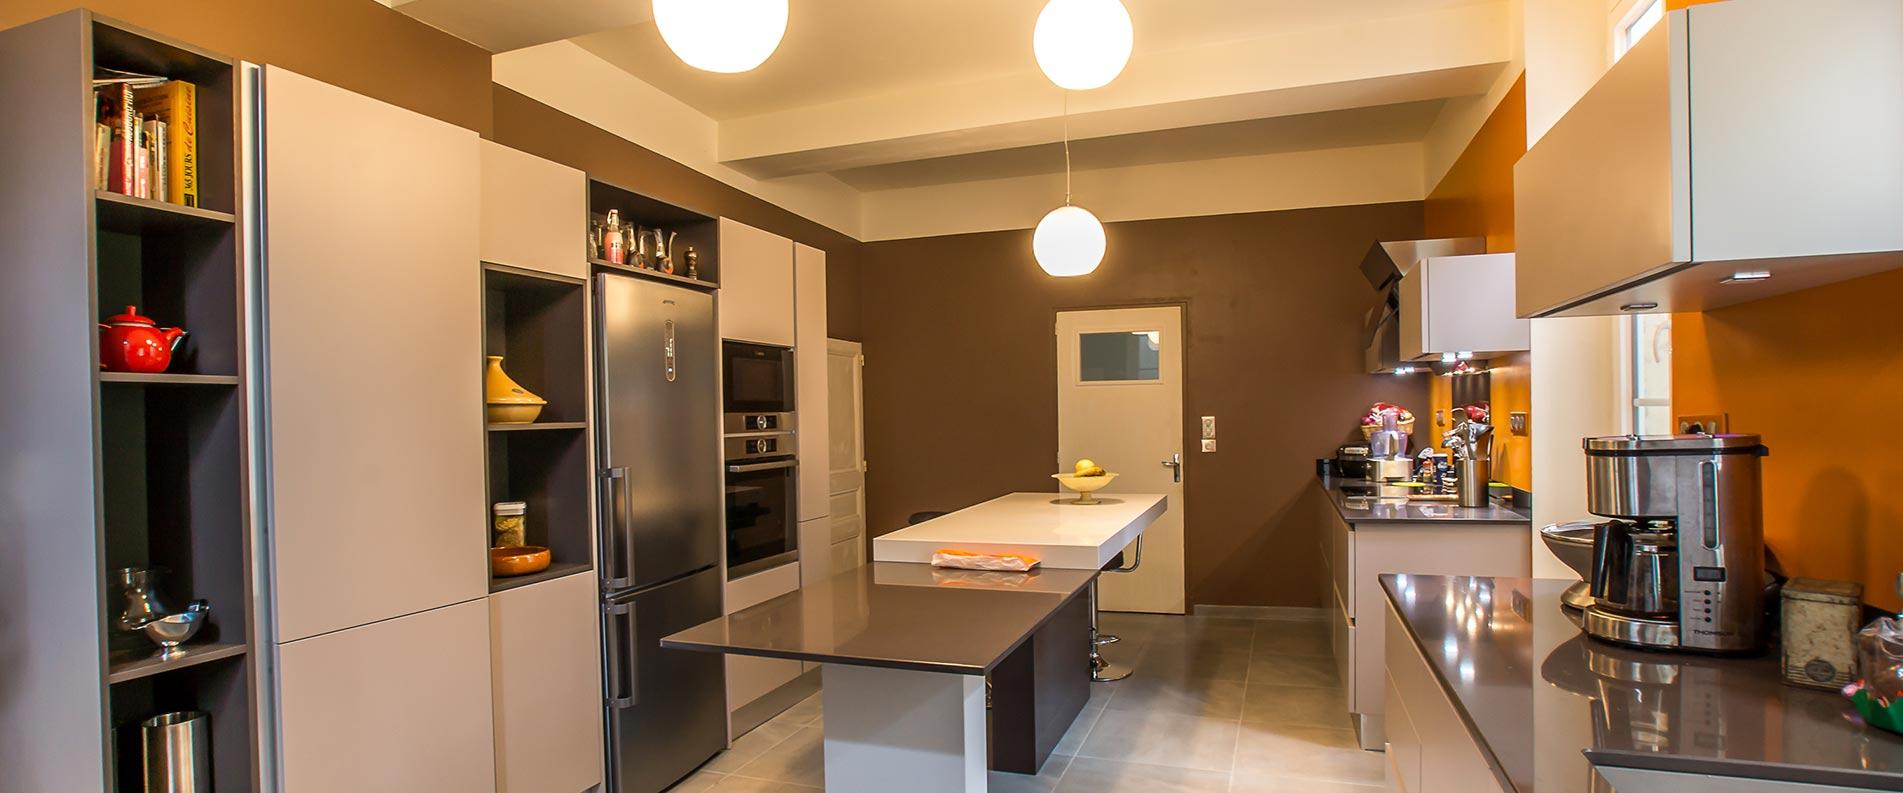 cr ation g selva sp cialiste de la d coration en marbre pr s d agen. Black Bedroom Furniture Sets. Home Design Ideas